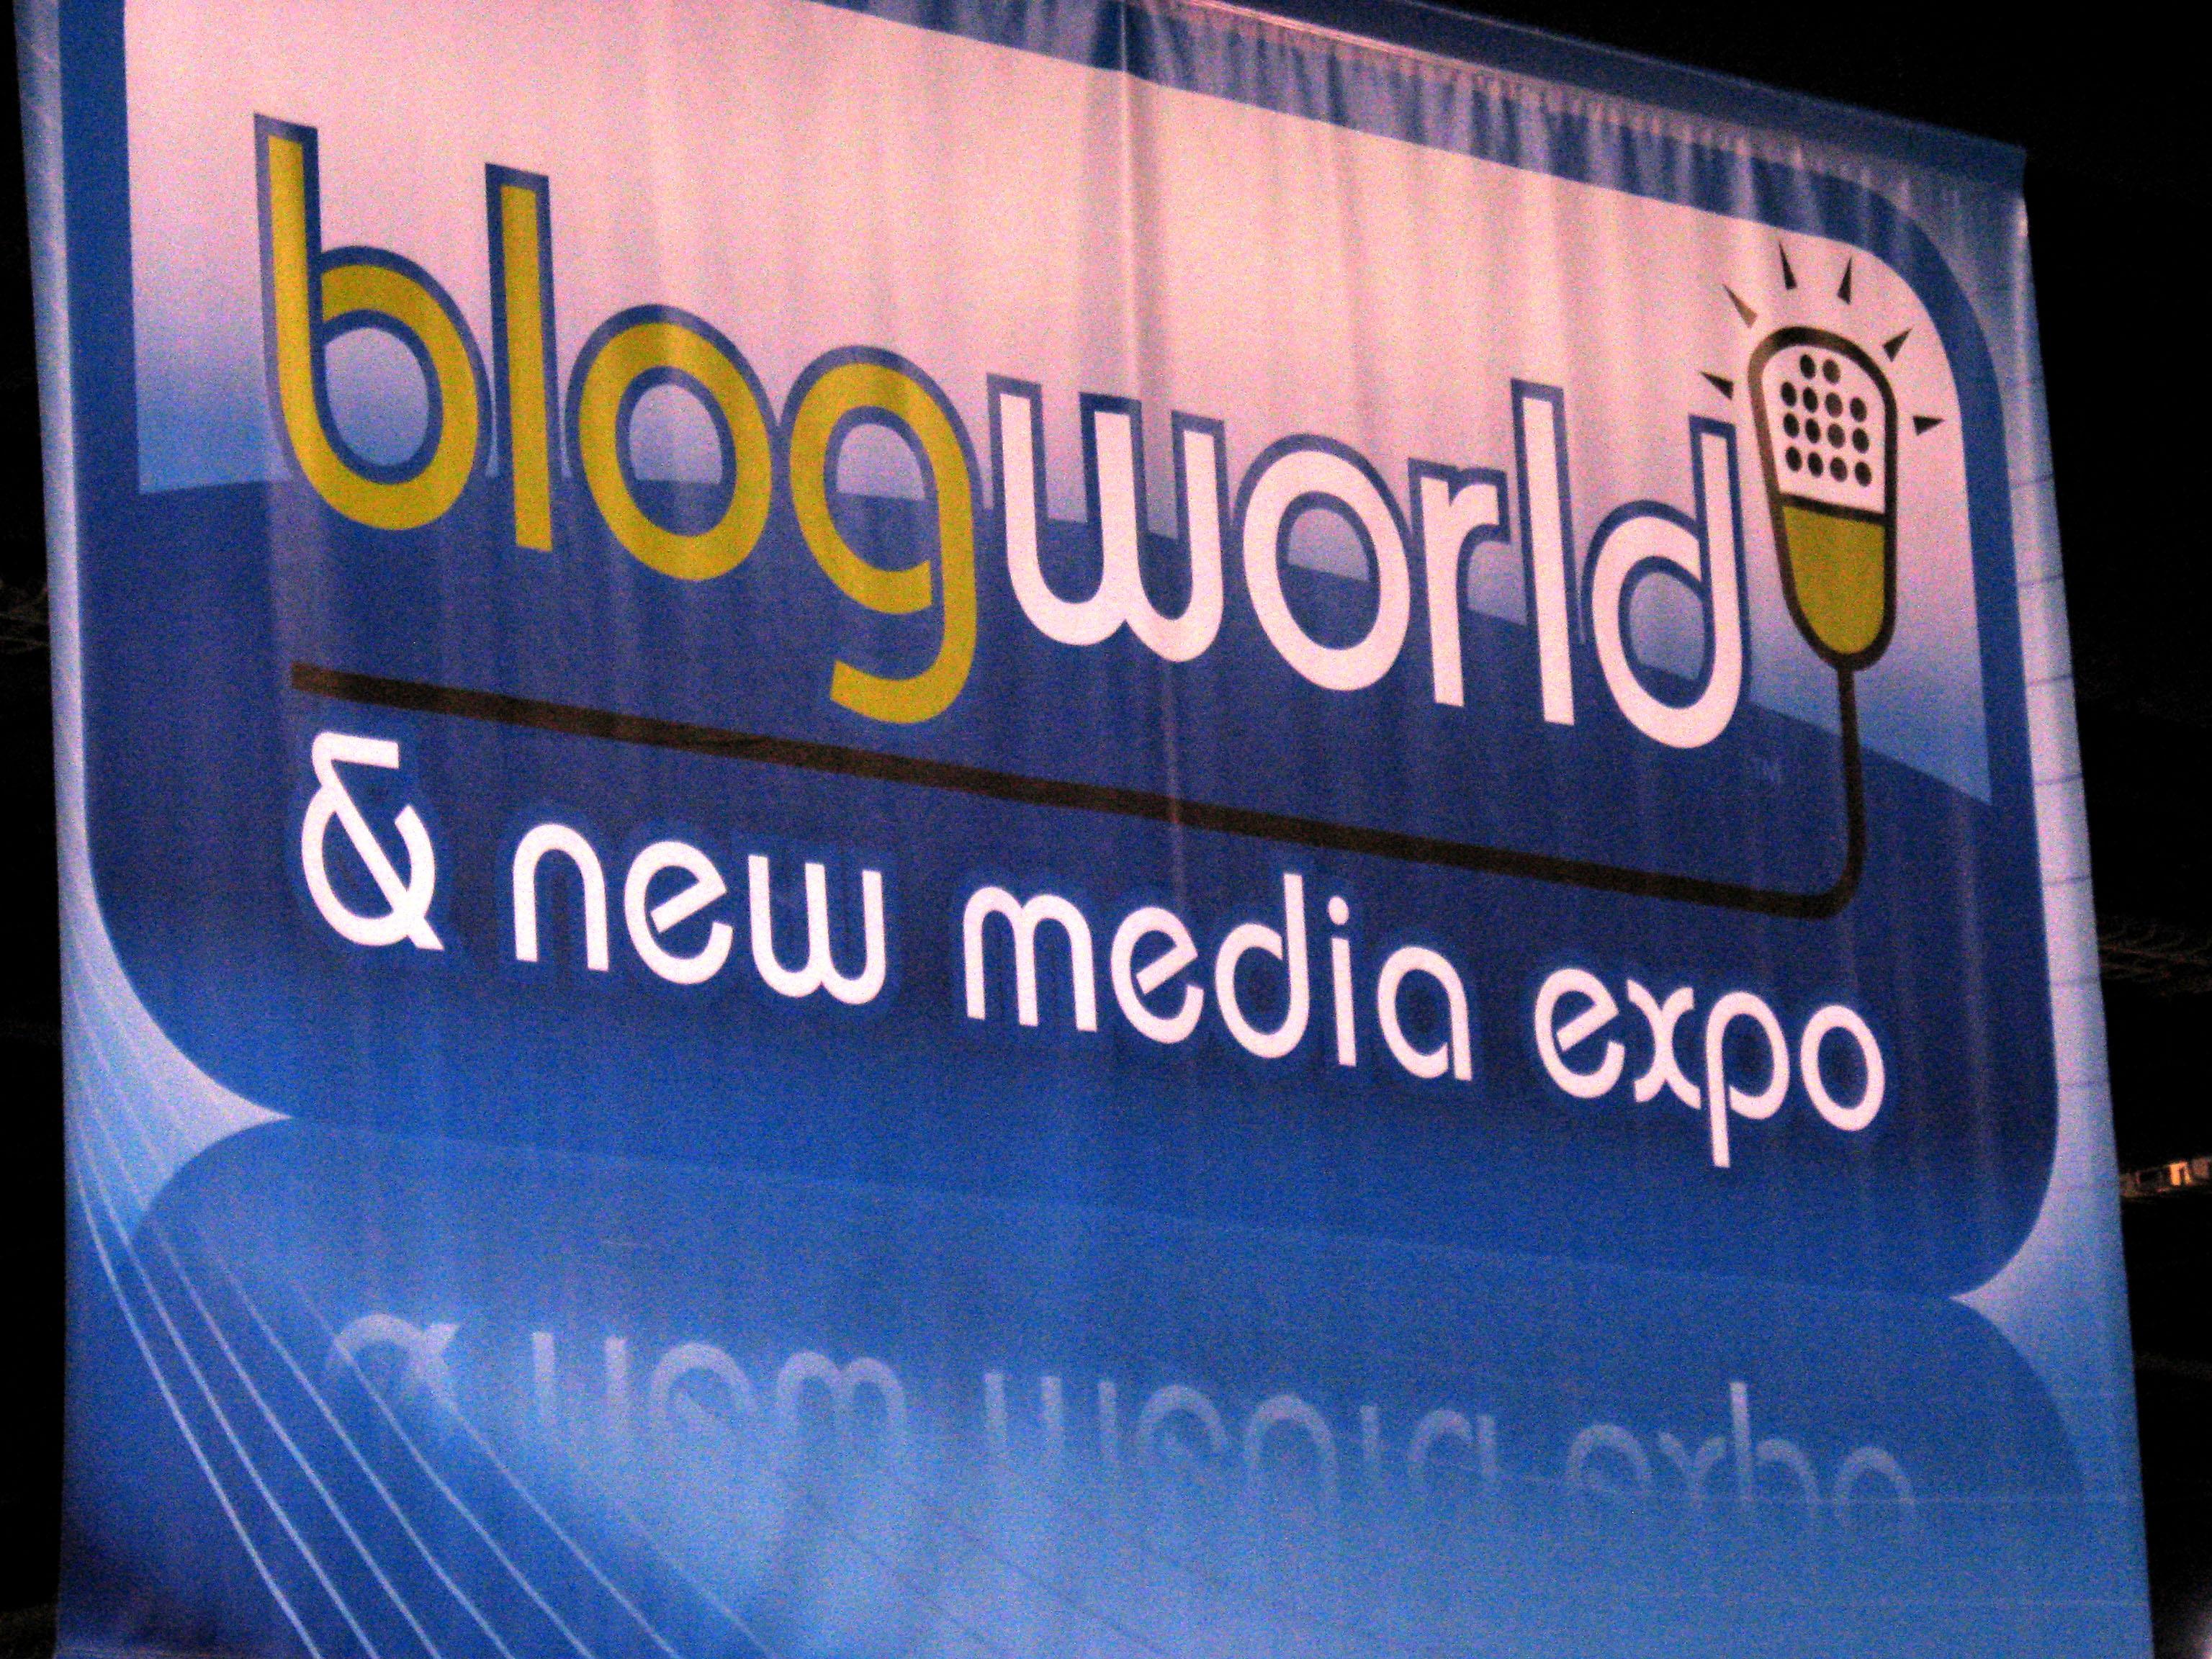 Blog World New Media Expo